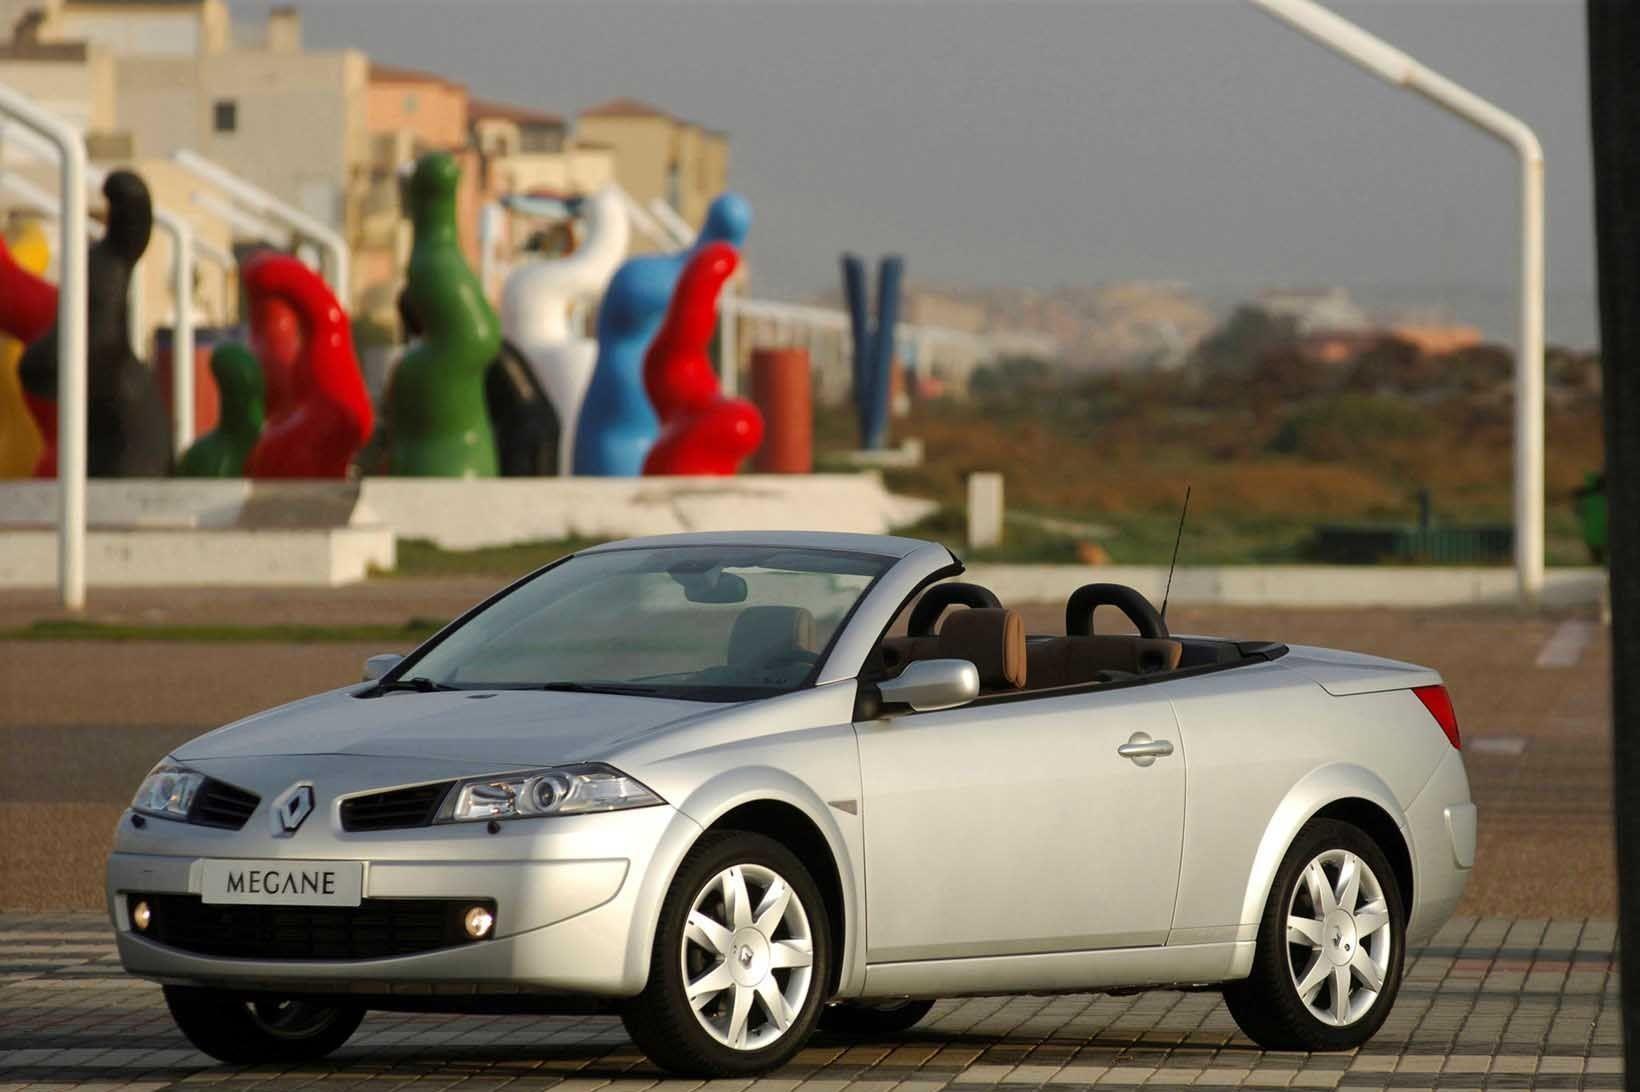 مشخصات فنی خودرو عجیب سریال پایتخت/ هر آنچه باید از ماشن بهتاش بدانید